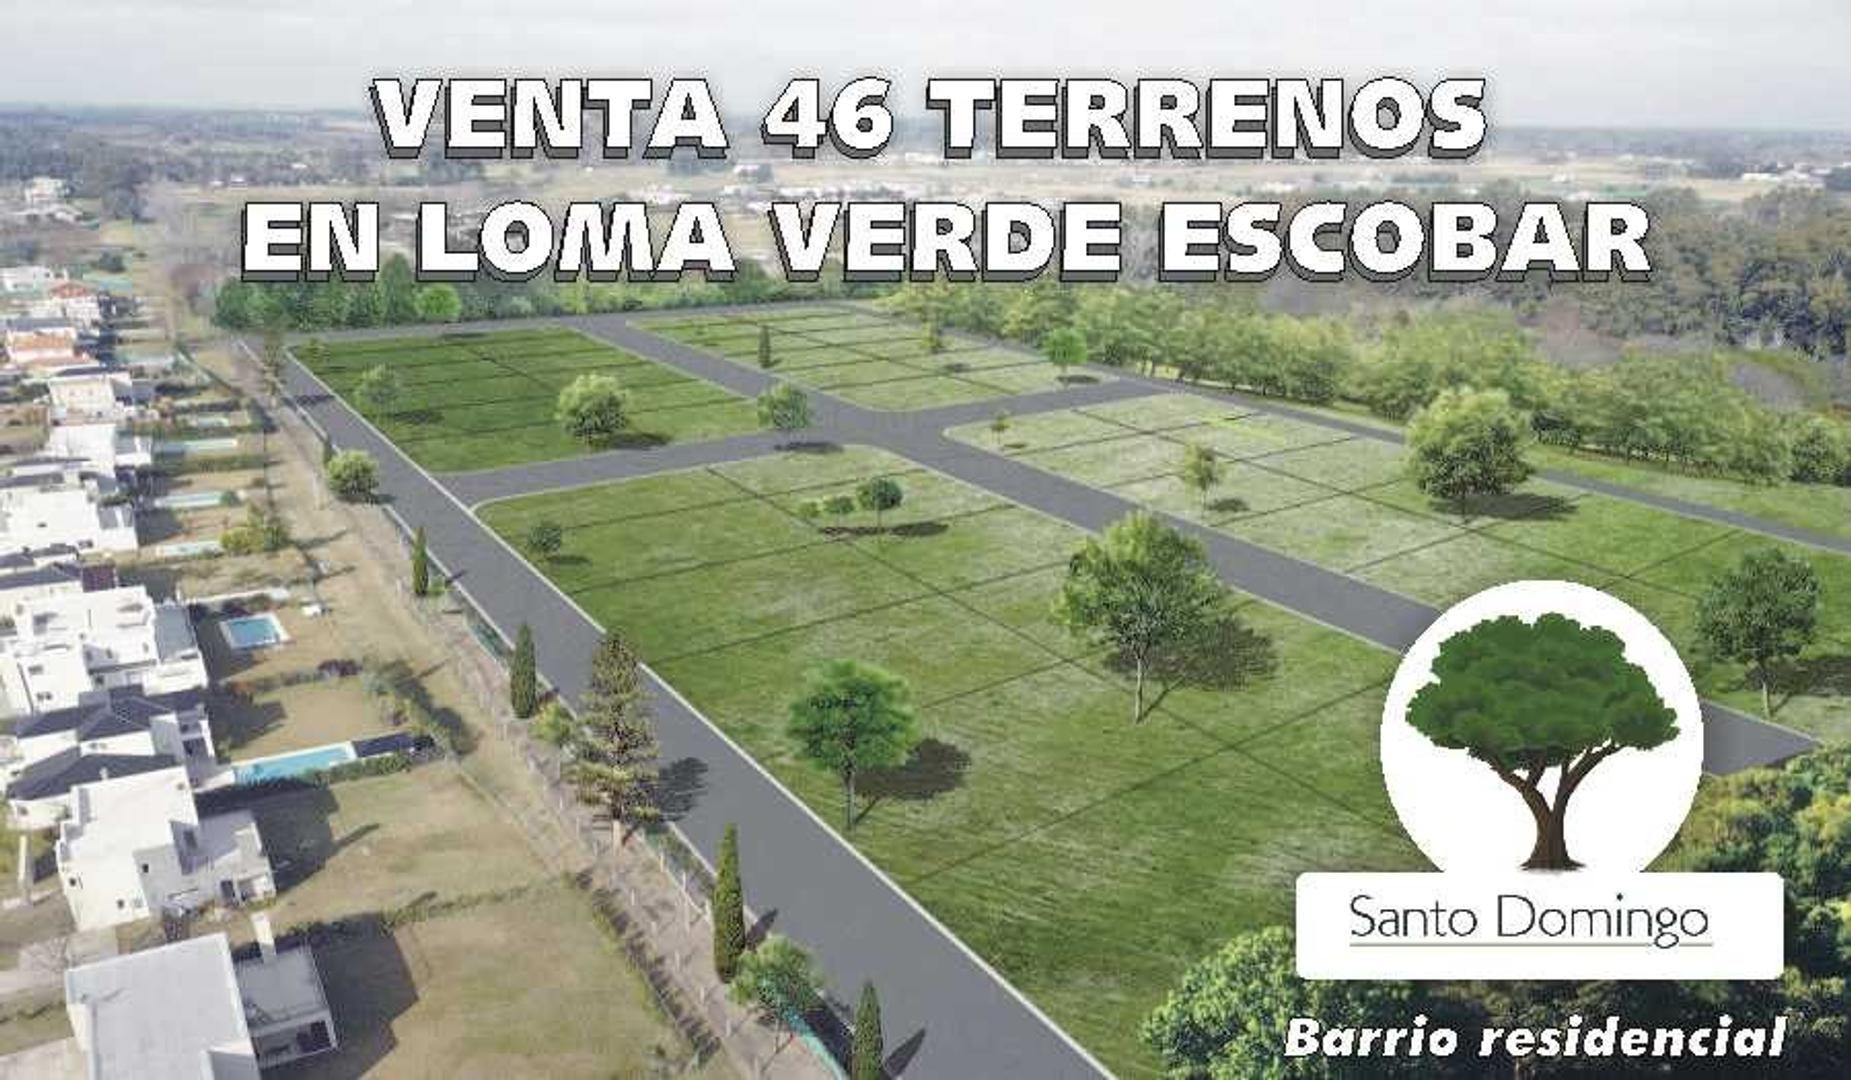 Venta Lotes Financiados en Loma Verde Escobar